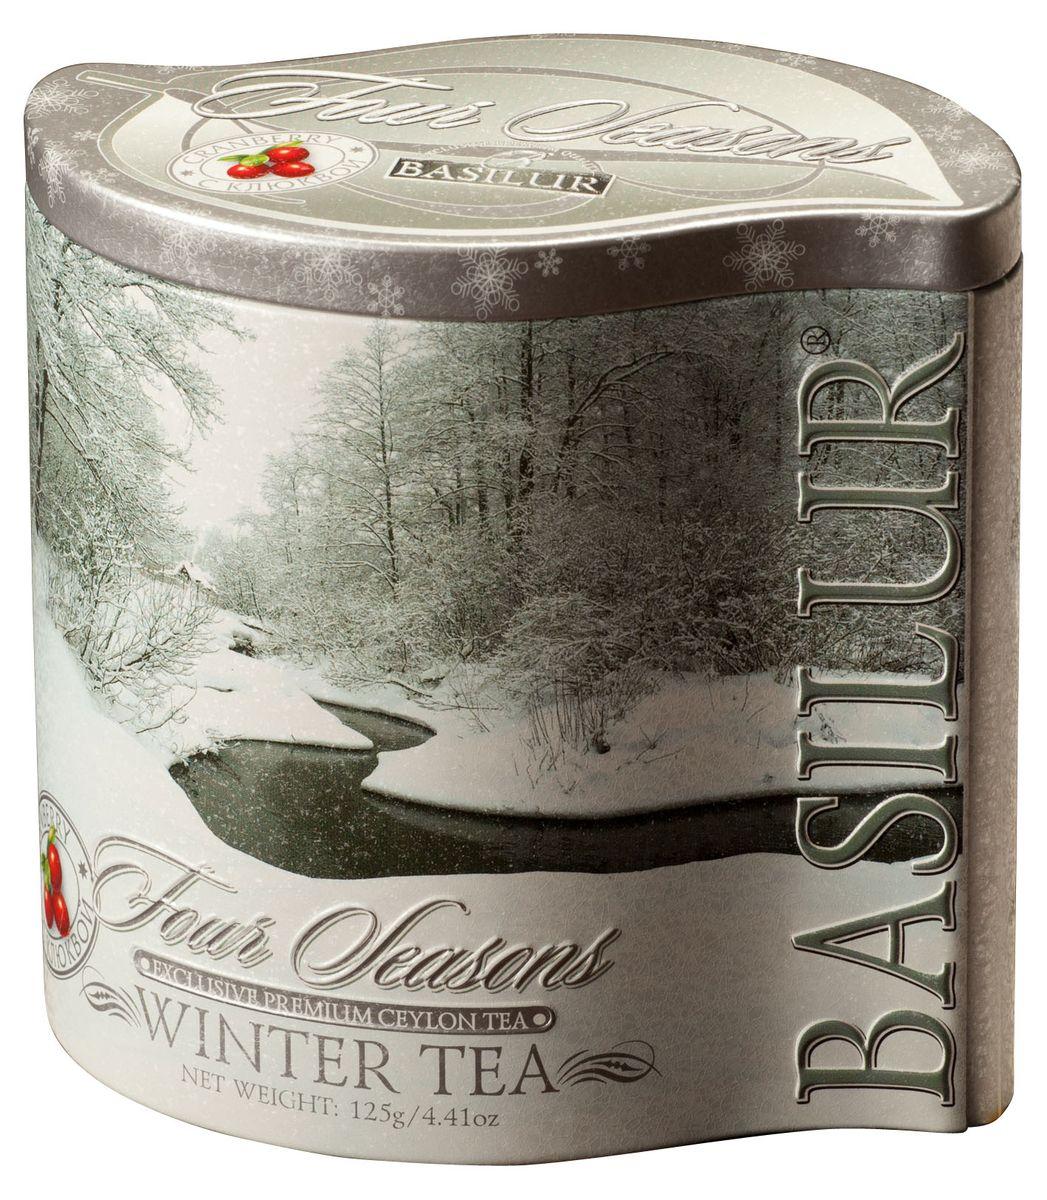 Basilur Winter Tea черный листовой чай, 125 г (жестяная банка)70112-00Чёрный цейлонский байховый листовой чай Basilur Winter Tea с ягодами и ароматом клюквы станет прекрасным поводом для того, чтобы собраться на чаепитие в кругу близких и друзей. Прекрасная смесь лучших сортов цейлонского чая стандарта ОP и натуральных ягод клюквы специально составлена нашими мастерами-дегустаторами чая, что бы вызвать у вас восхищение изысканностью вкуса и аромата. Зимний чай Basilur согреет в холодные дни и подарит бодрость - в жаркие.